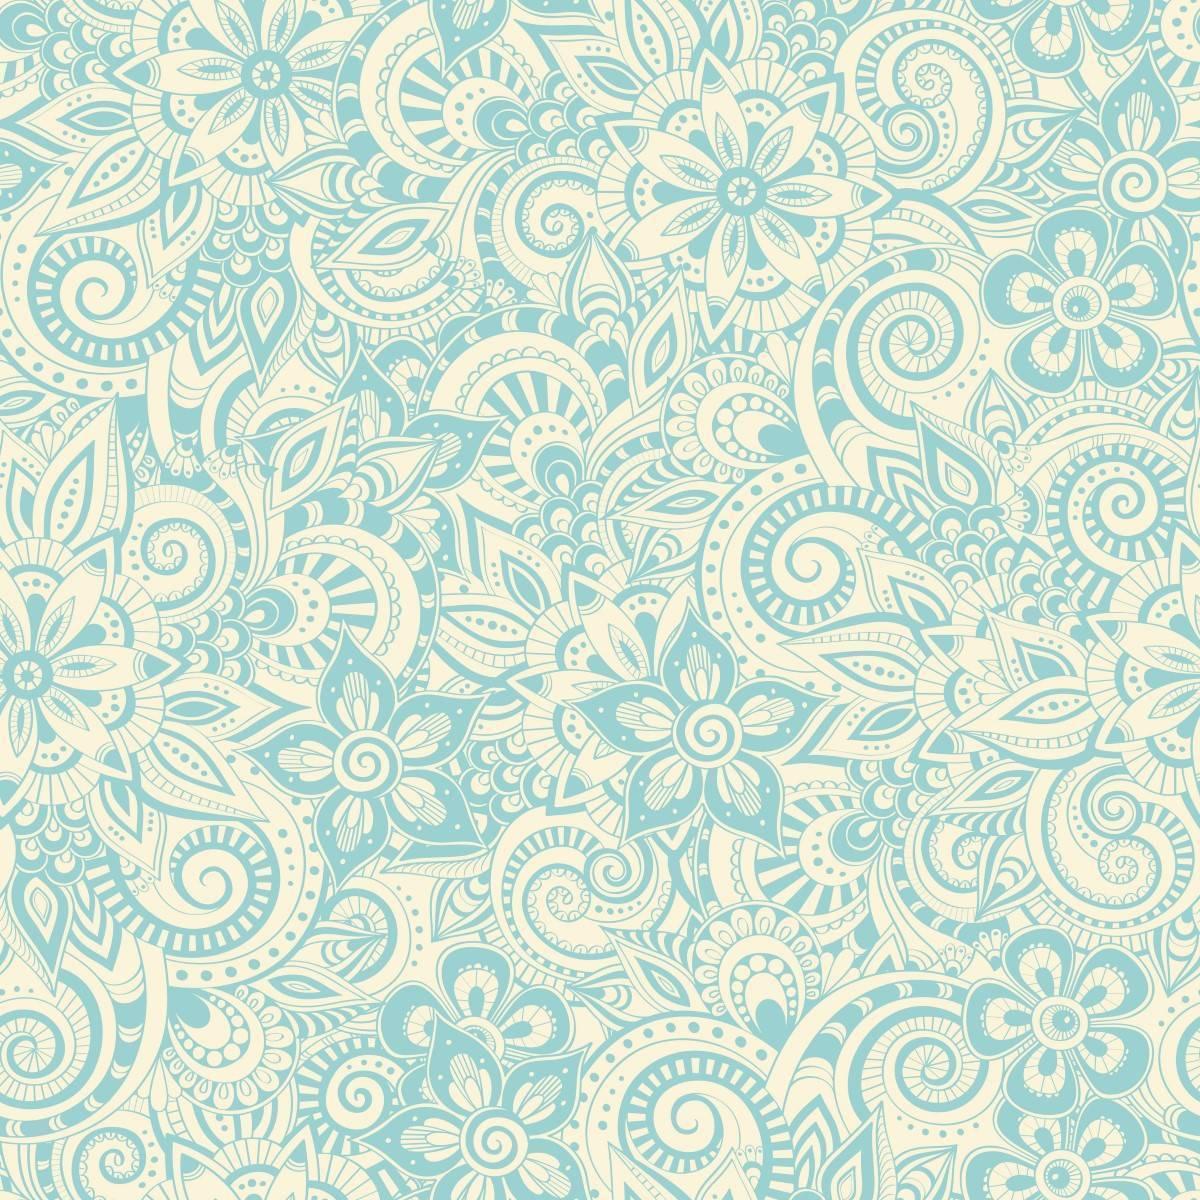 Papel de Parede Floral Azul e Branco | Adesivo Vinílico imagem 1